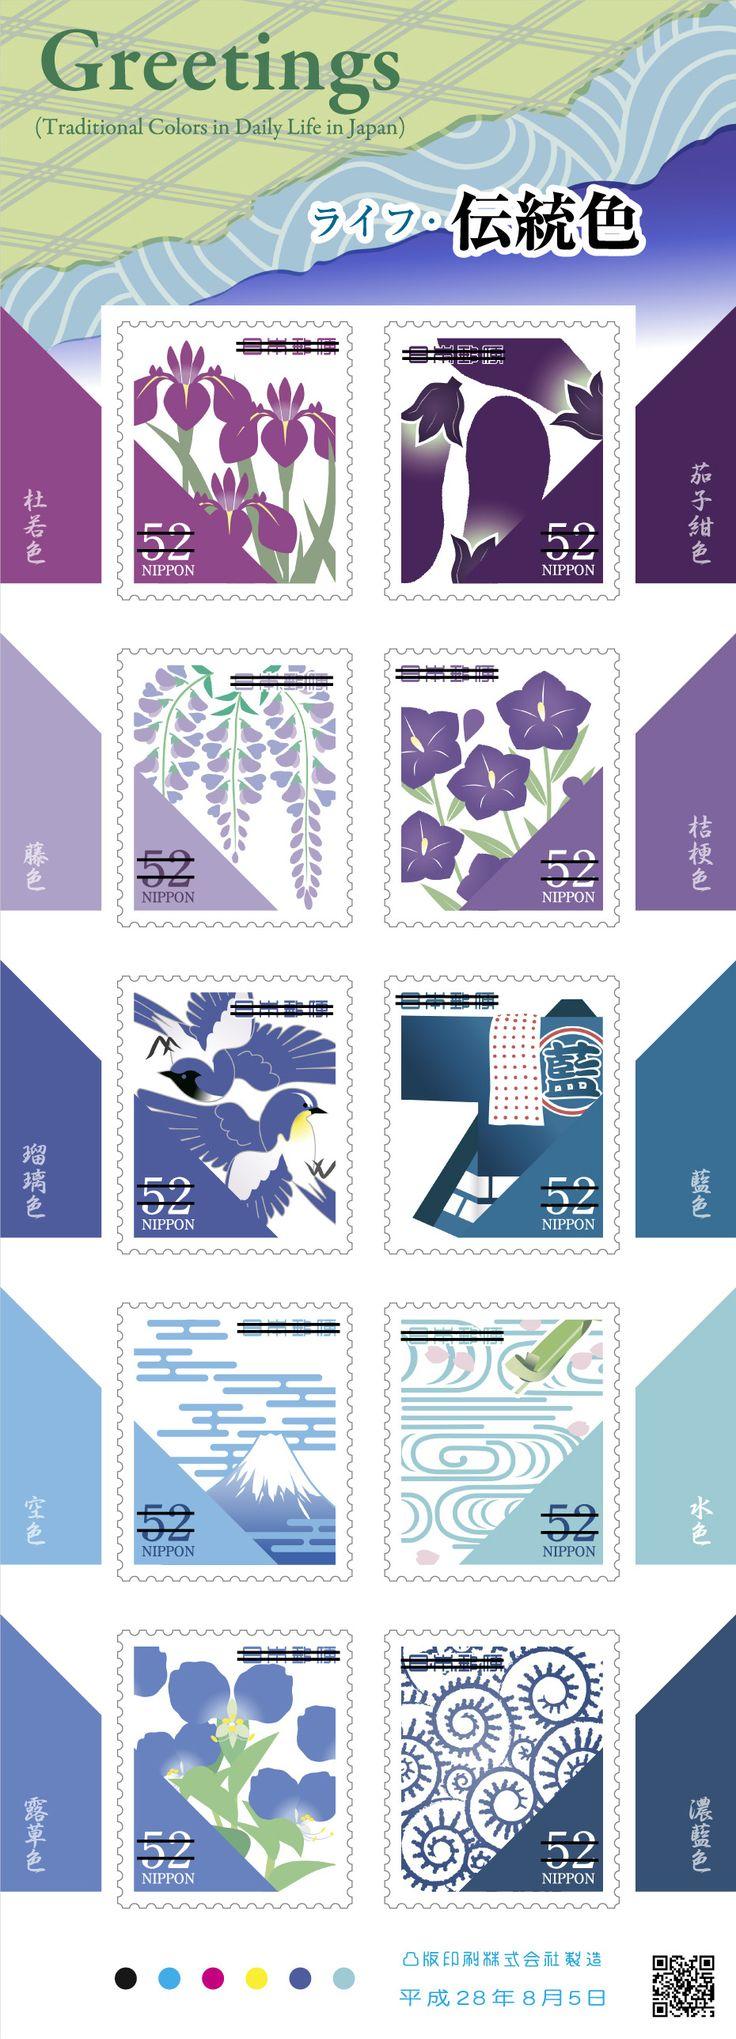 52円郵便切手:グリーティング(ライフ・伝統色)